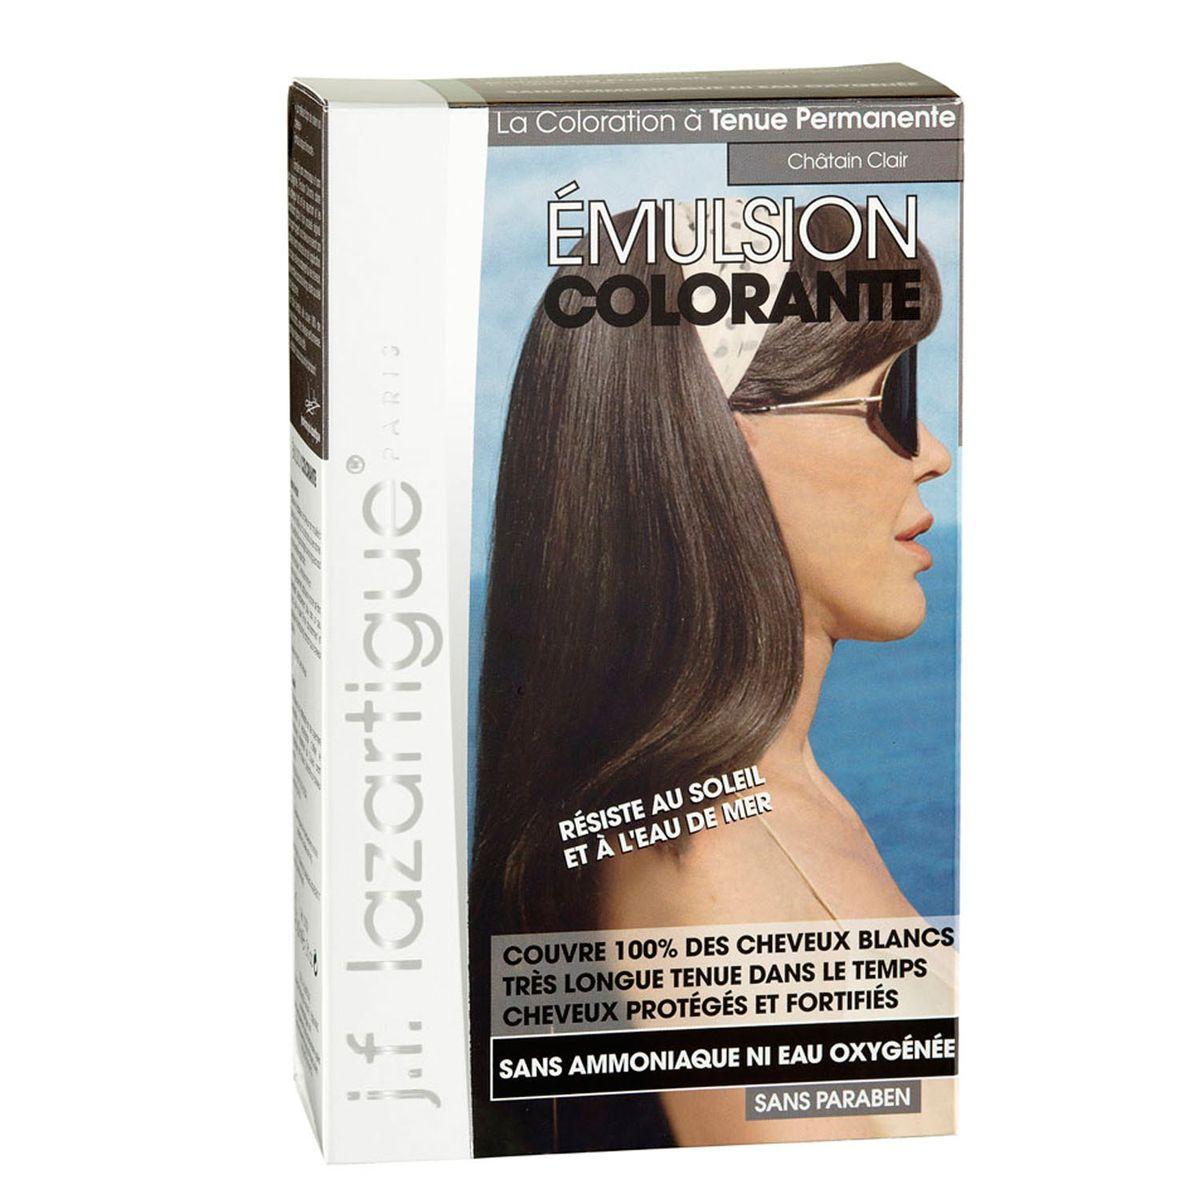 J.F.Lazartigue Оттеночная эмульсия для волос Светлый каштан 60 мл01709Благодаря оригинальной формуле полностью (на 100%) скрывает седину, длительное время сохраняет цвет, поддерживает здоровье и жизненную силу волос и сохраняет эти качества, несмотря на воздействие солнечных лучей, морской воды и прочих неблагоприятных экологических факторов. Не осветляет, не повреждает, а укрепляет волосы. Не содержит аммиака, перекиси водорода и парабенов. Не предназначена для окрашивания бровей и ресниц.